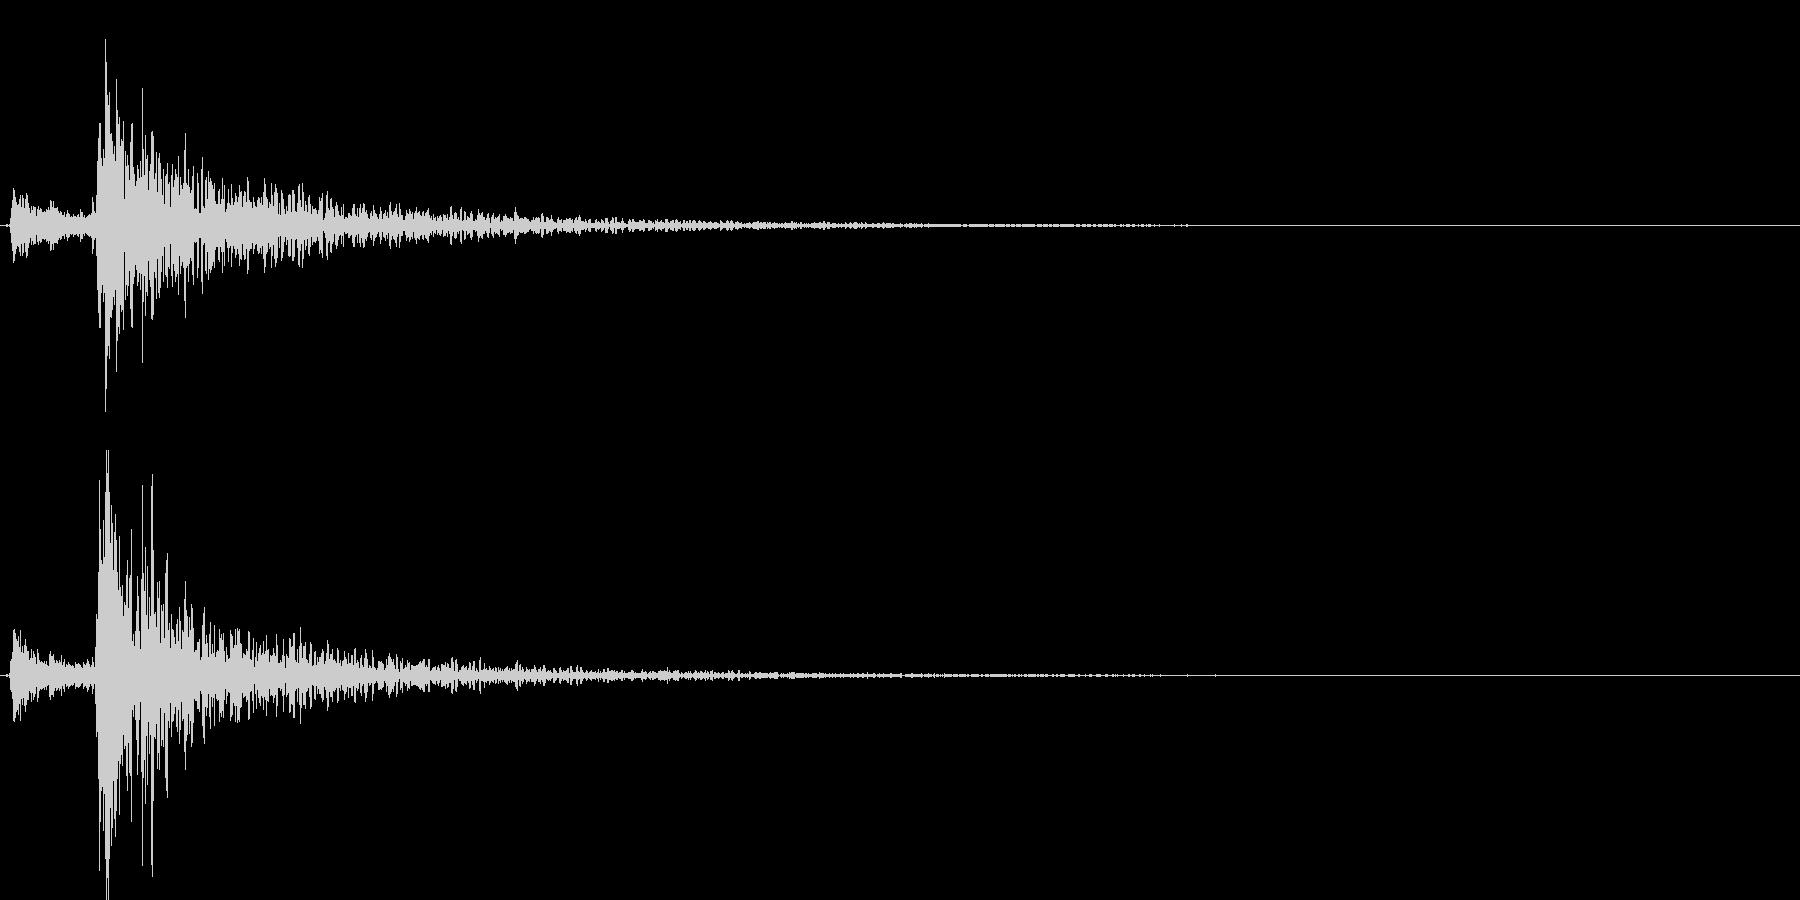 鉄製の扉が閉じる音-1の未再生の波形